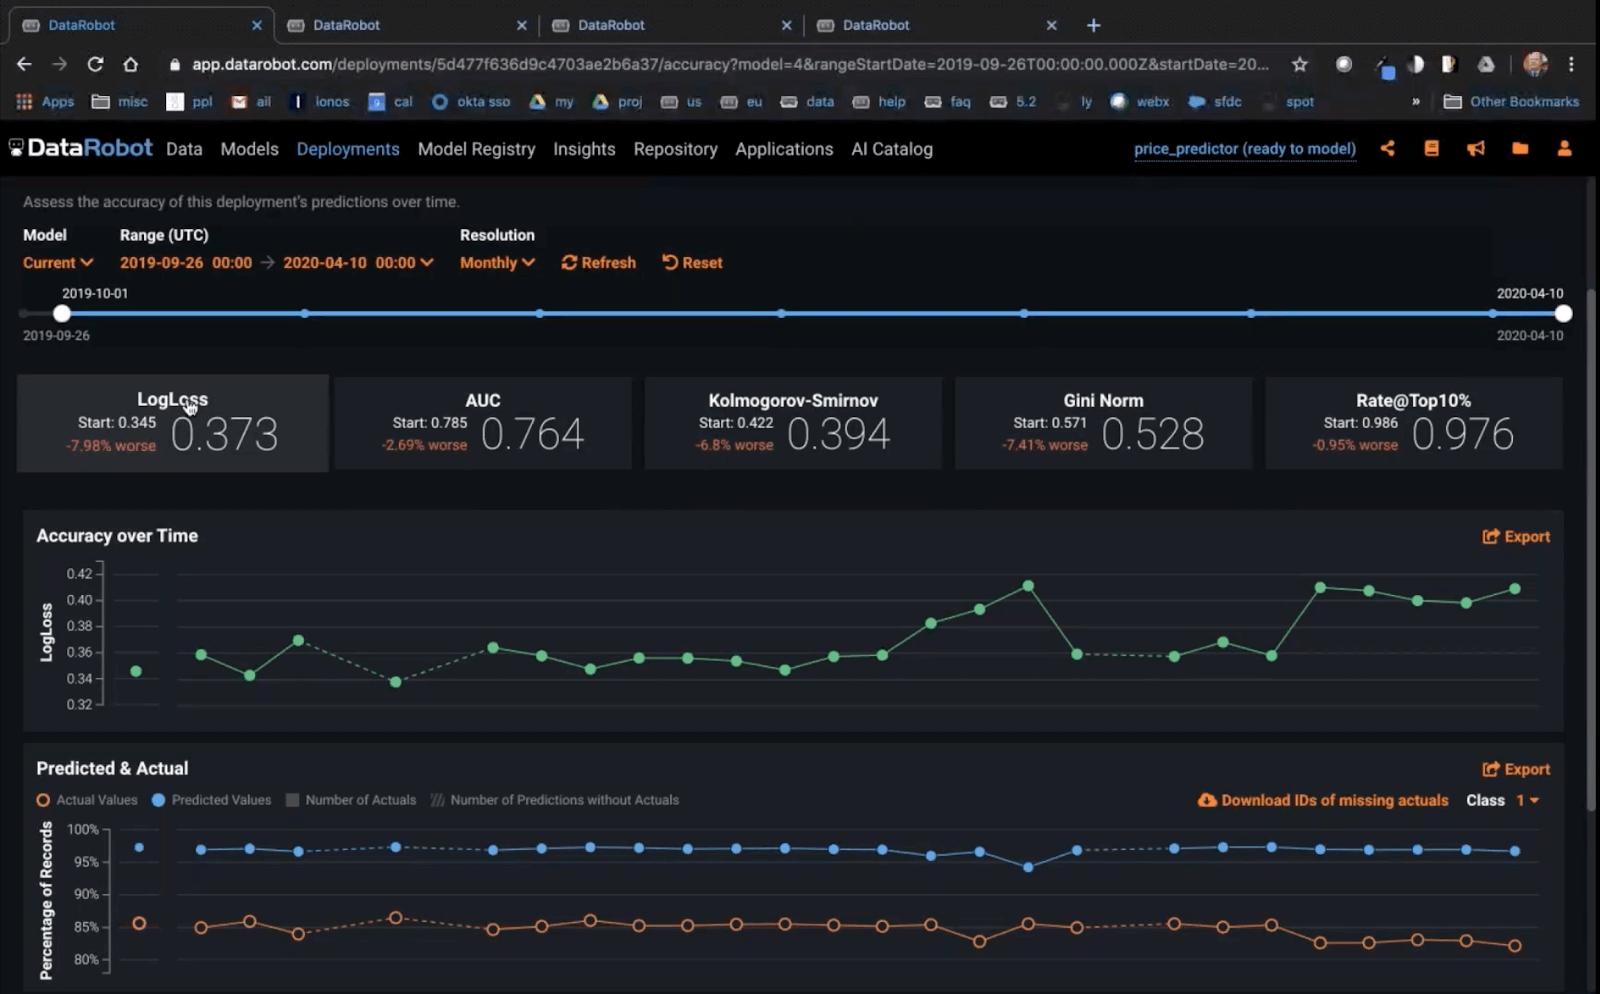 Screenshot 2020-04-17 at 13.08.15